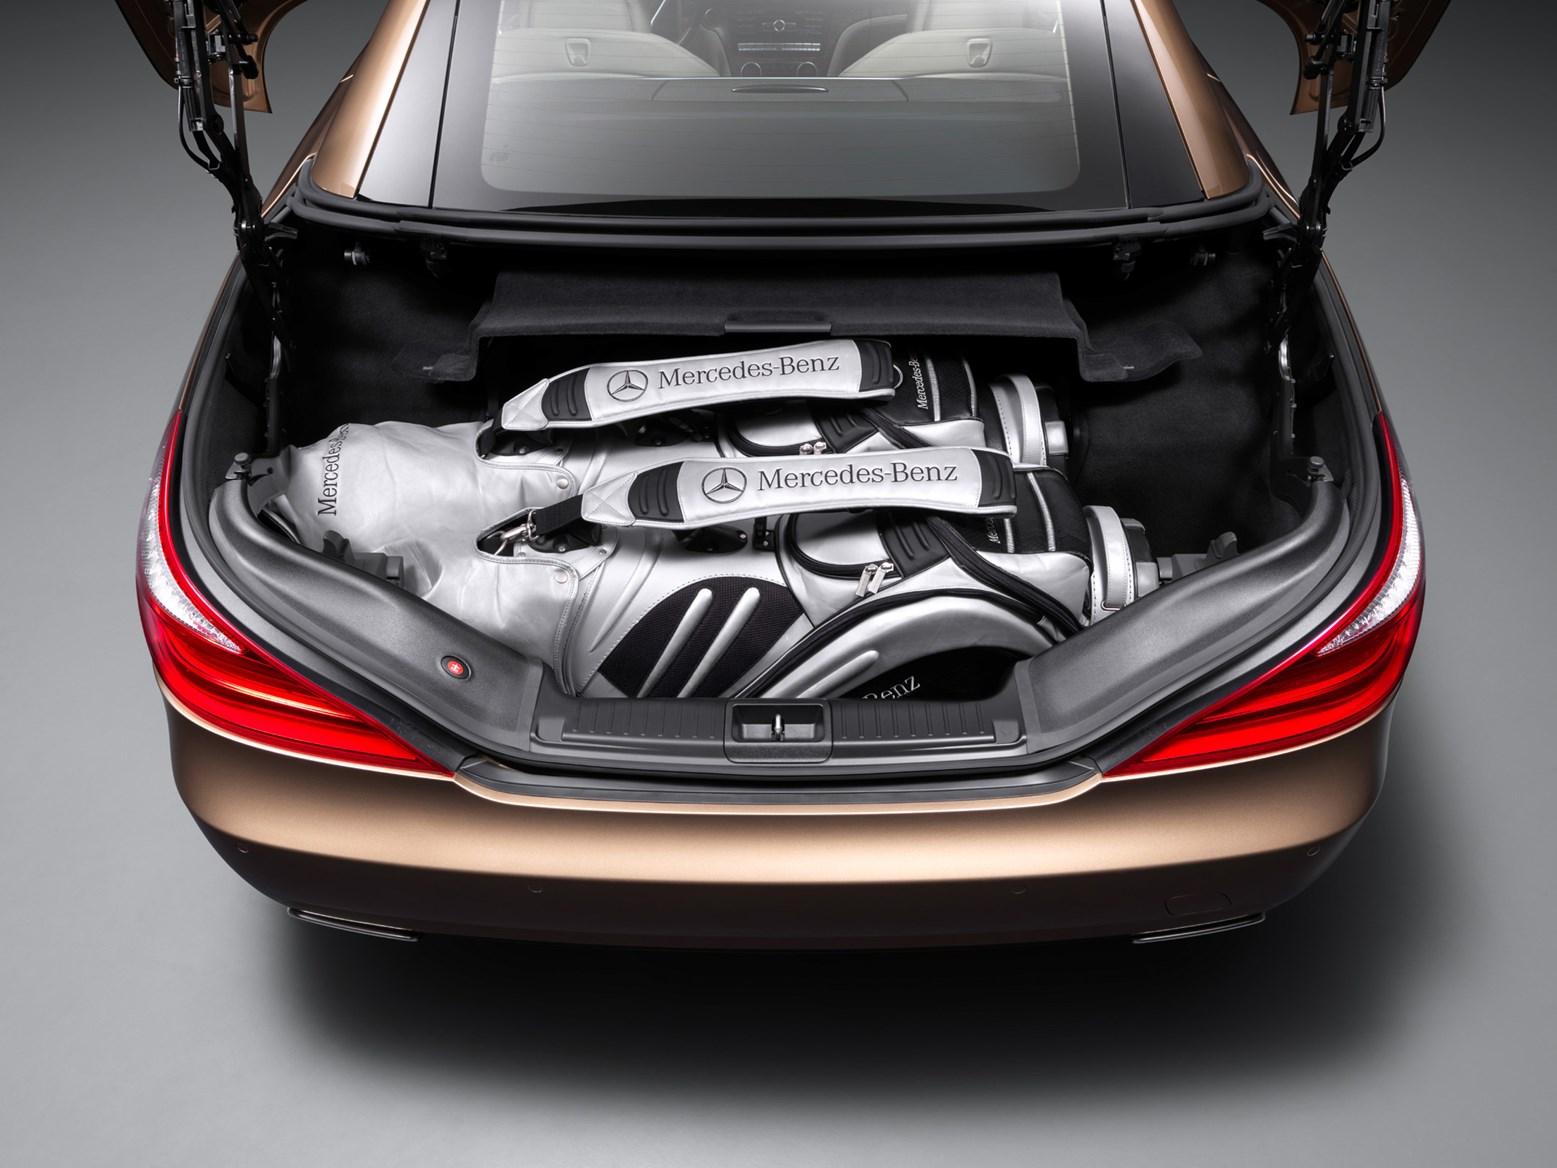 Mercedes benz sl class convertible 2012 features for Mercedes benz golf bag